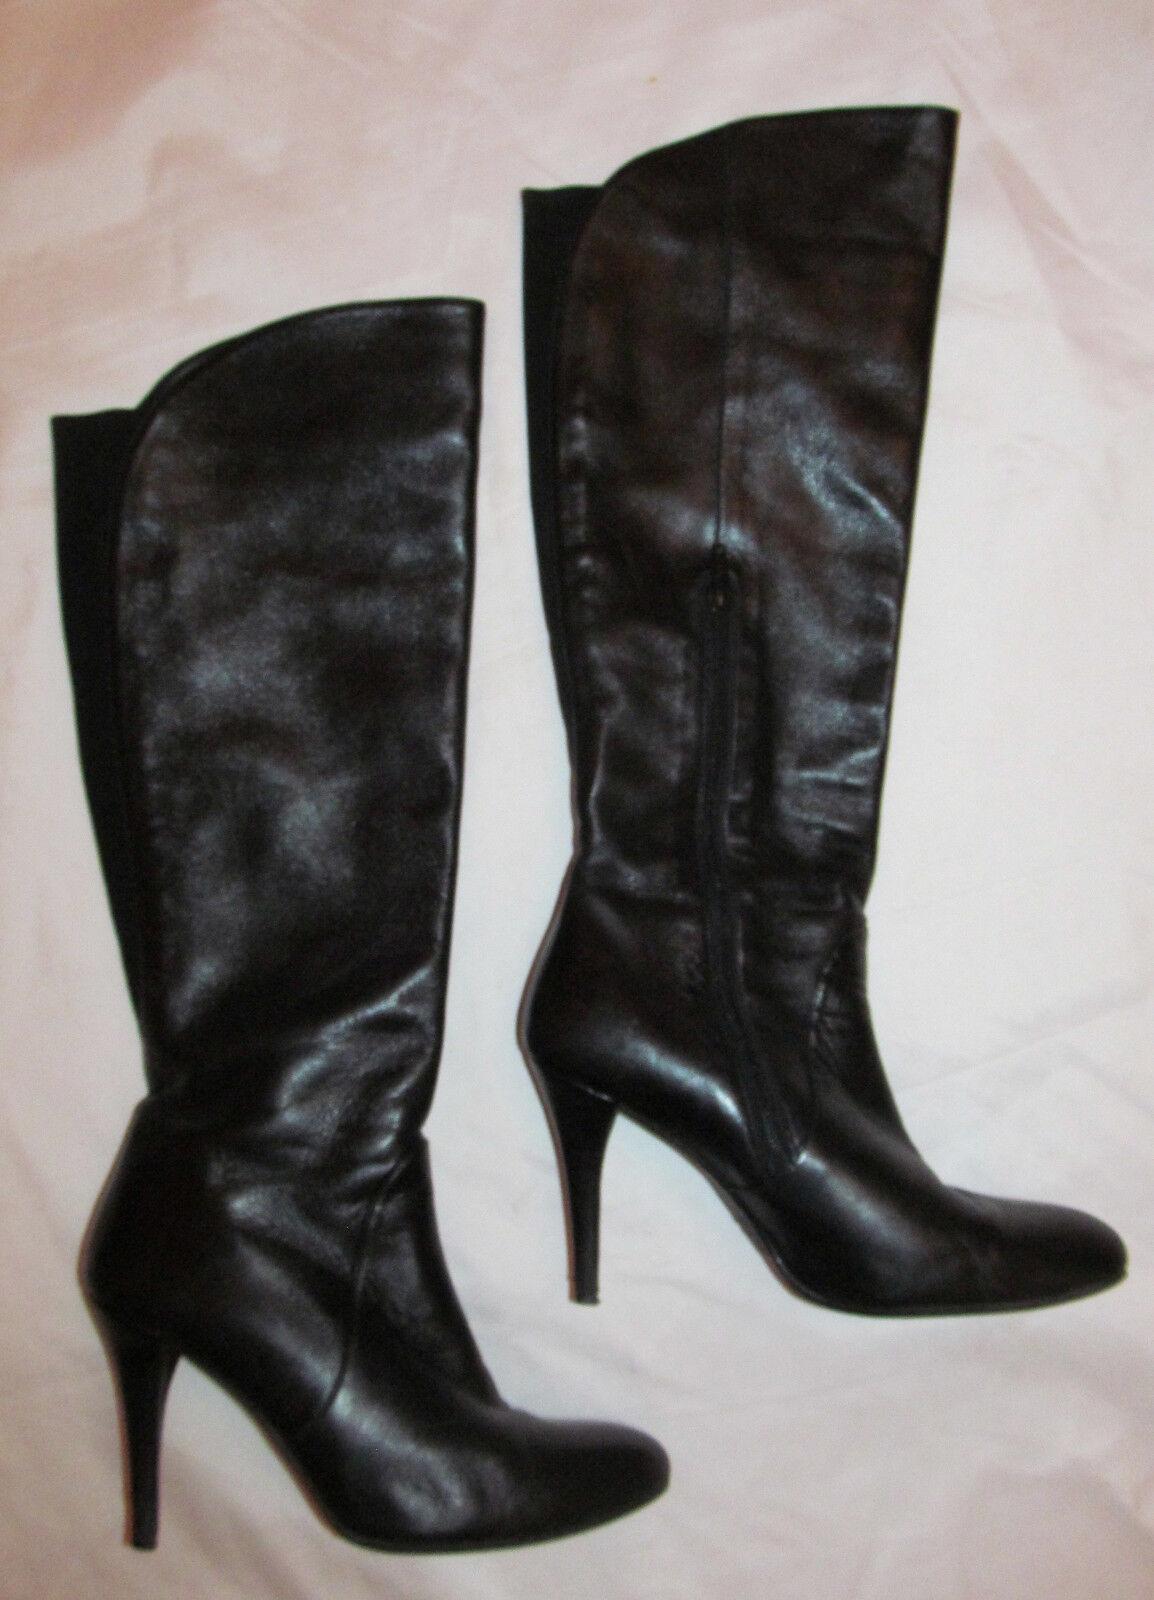 STUART WEITZMAN  over over over knee high heel leather boots 8 M d54b82